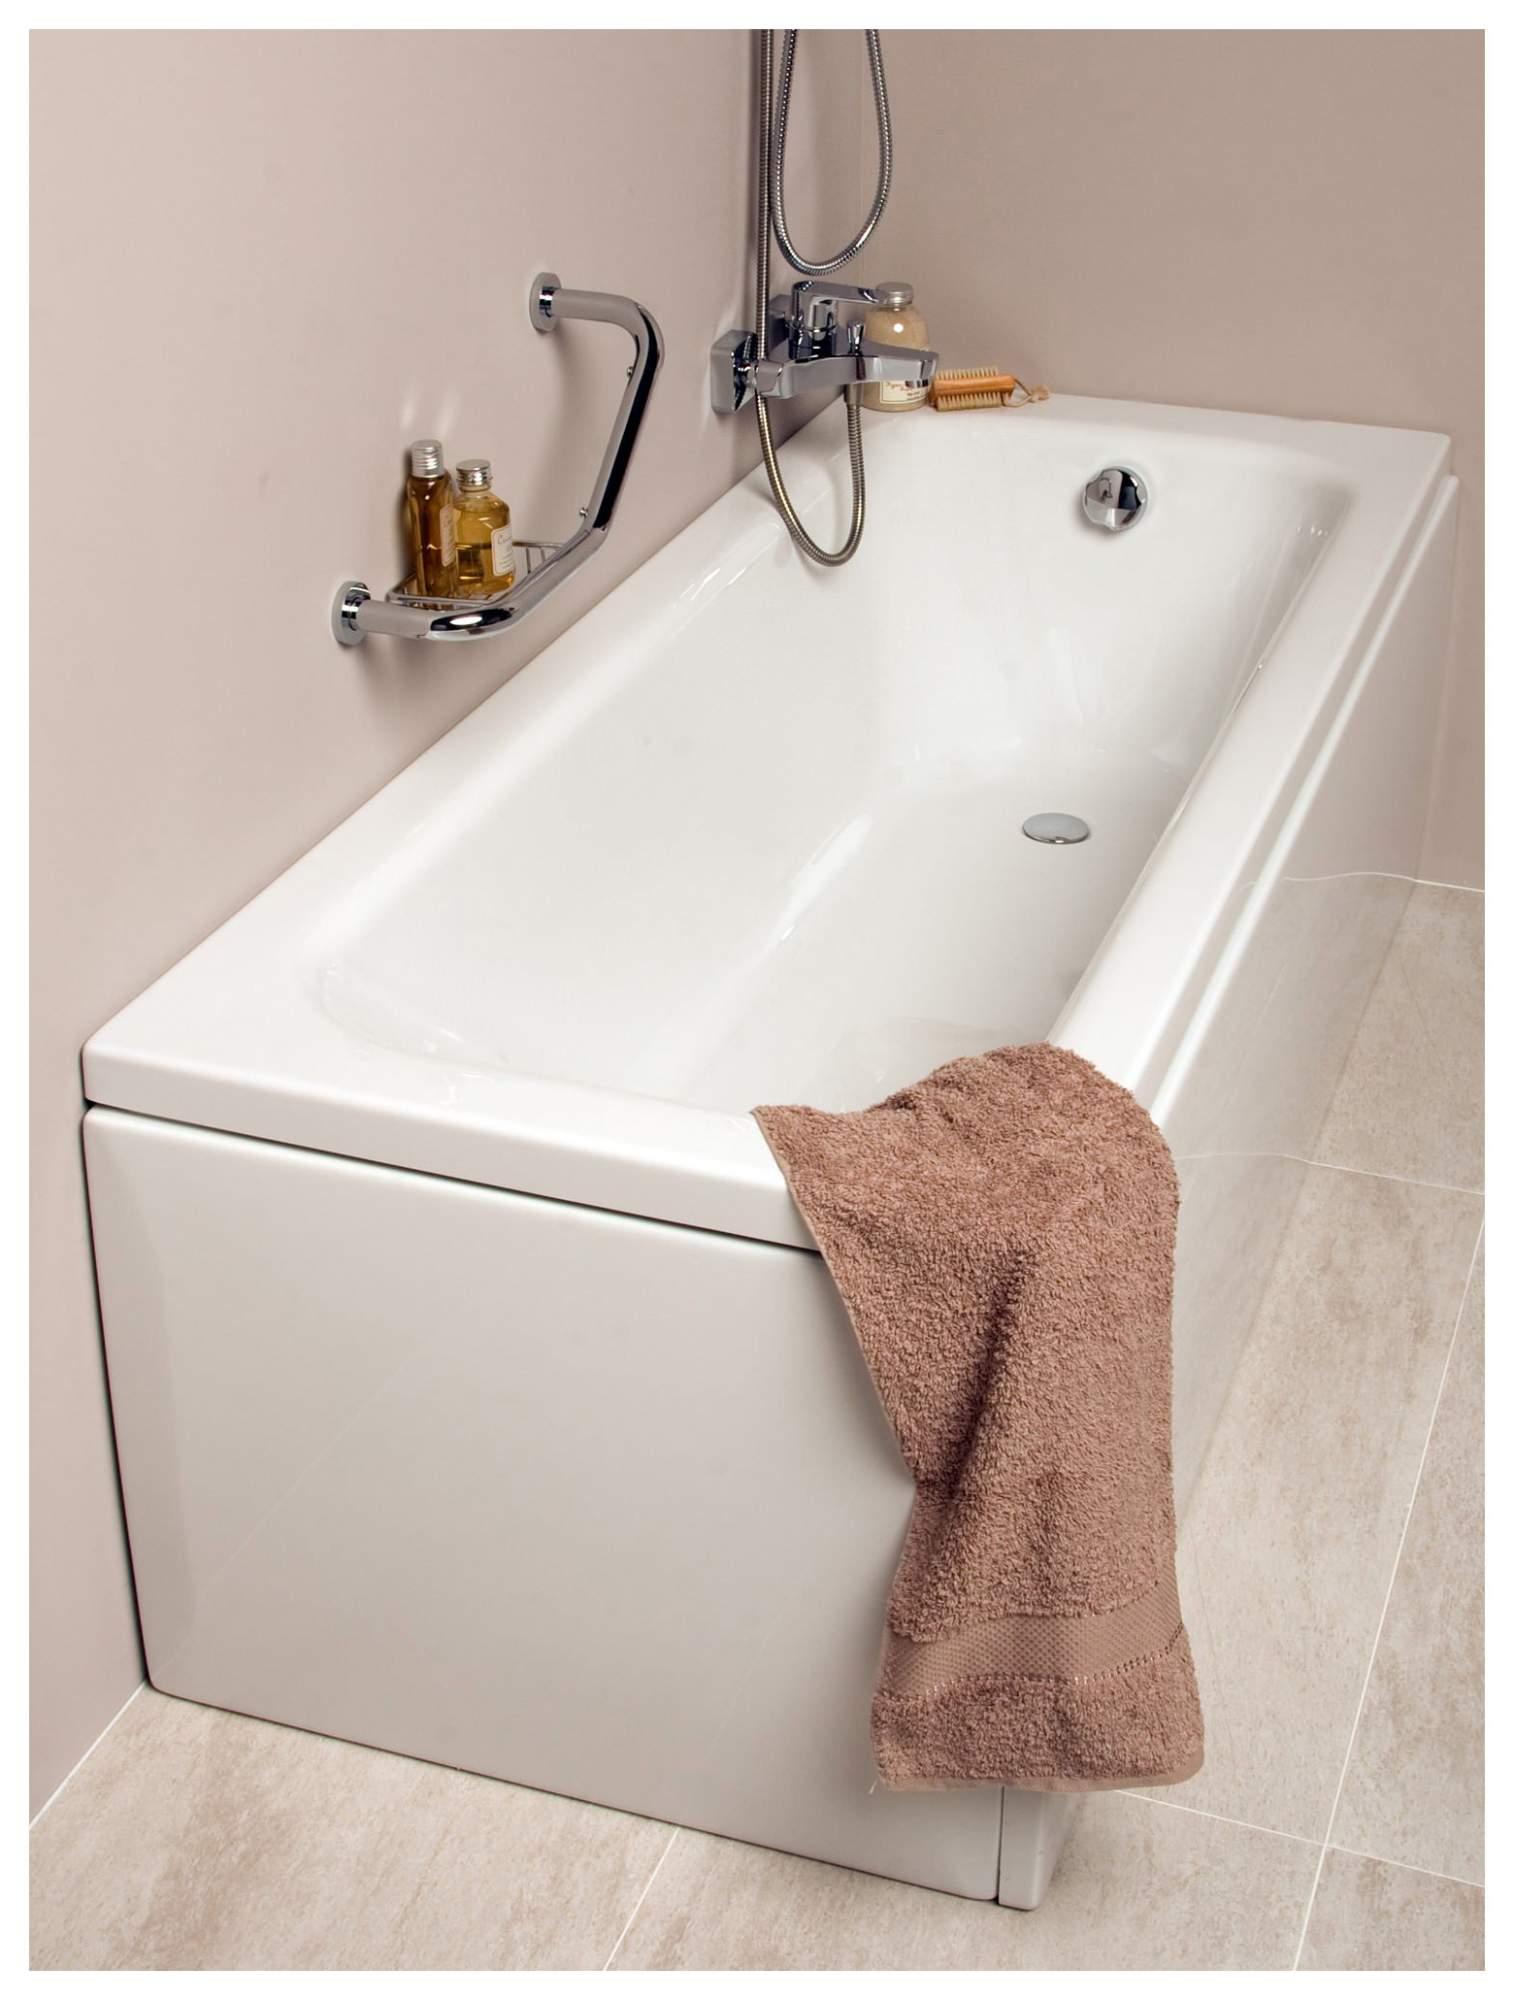 Акриловая ванна Vitra Balance 170х70 без гидромассажа